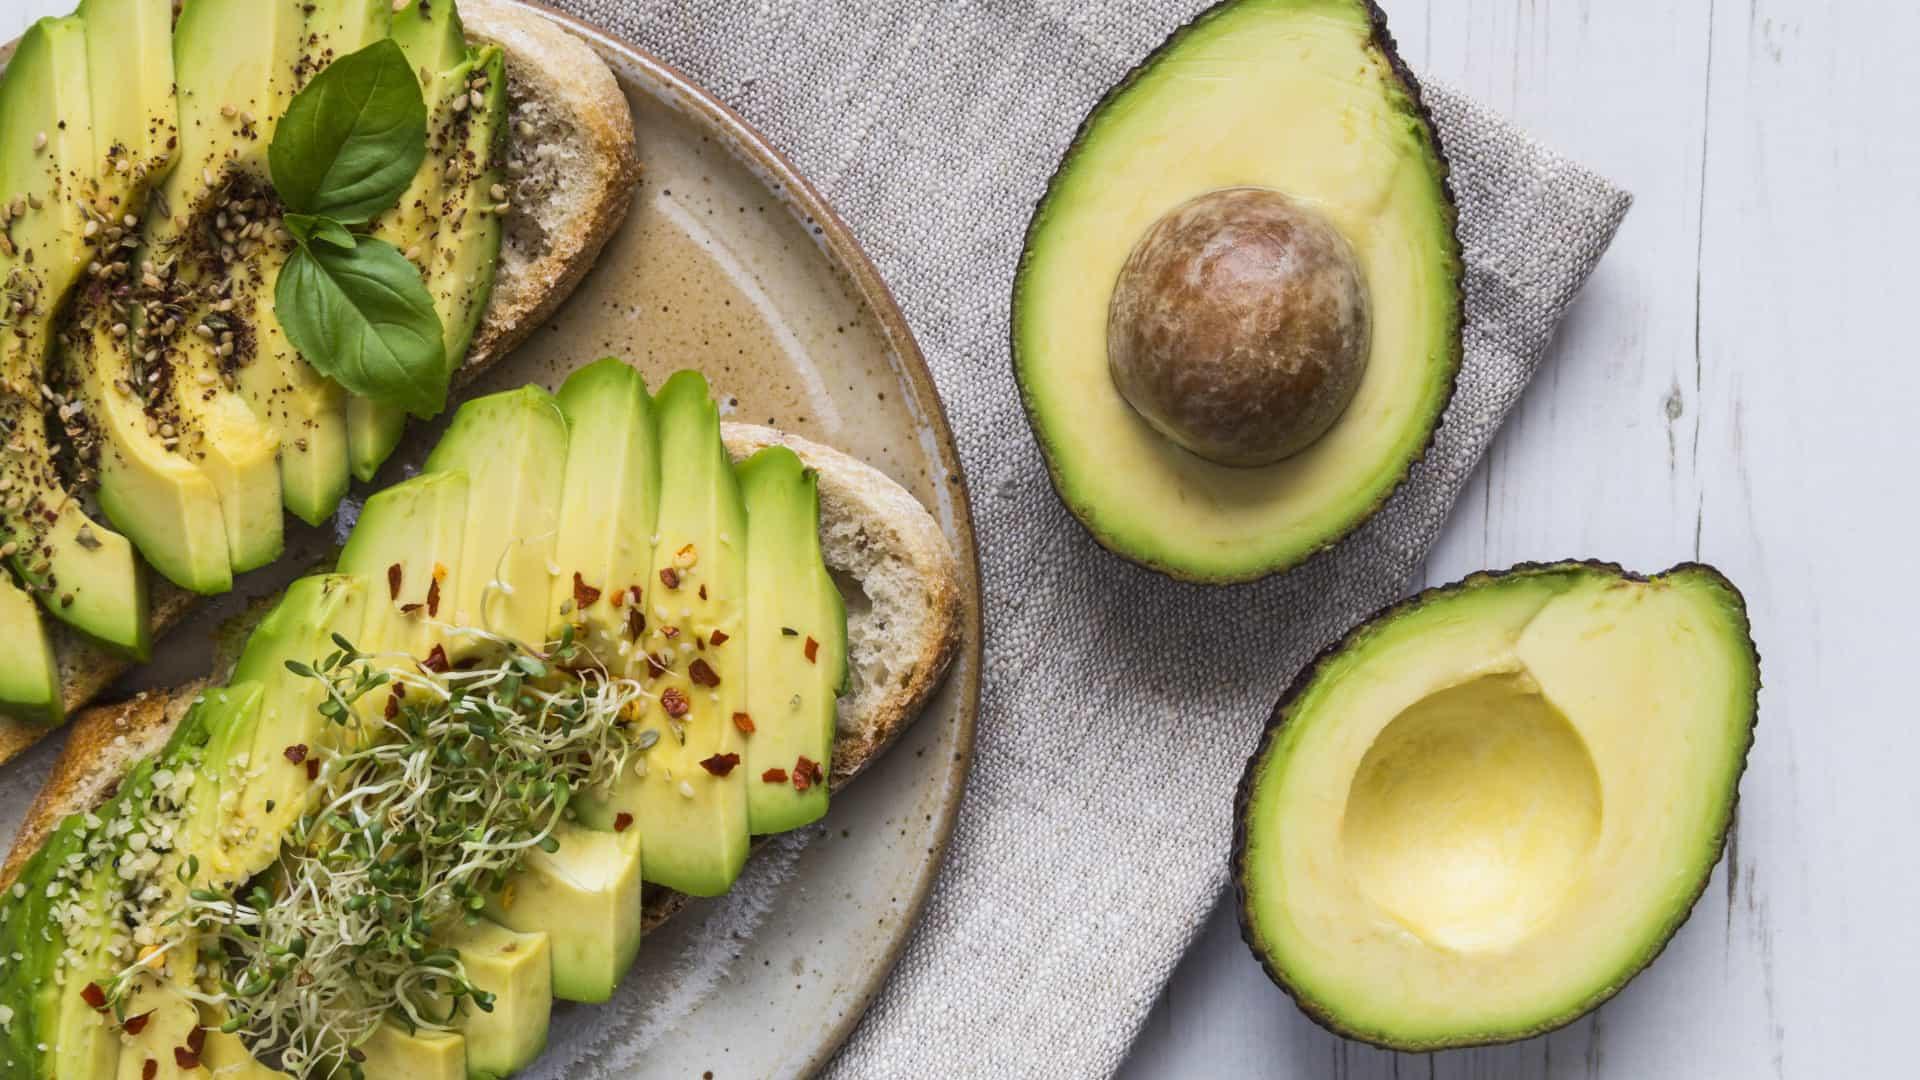 Superpoderes. Comer um abacate por dia faz bem ao seu corpo